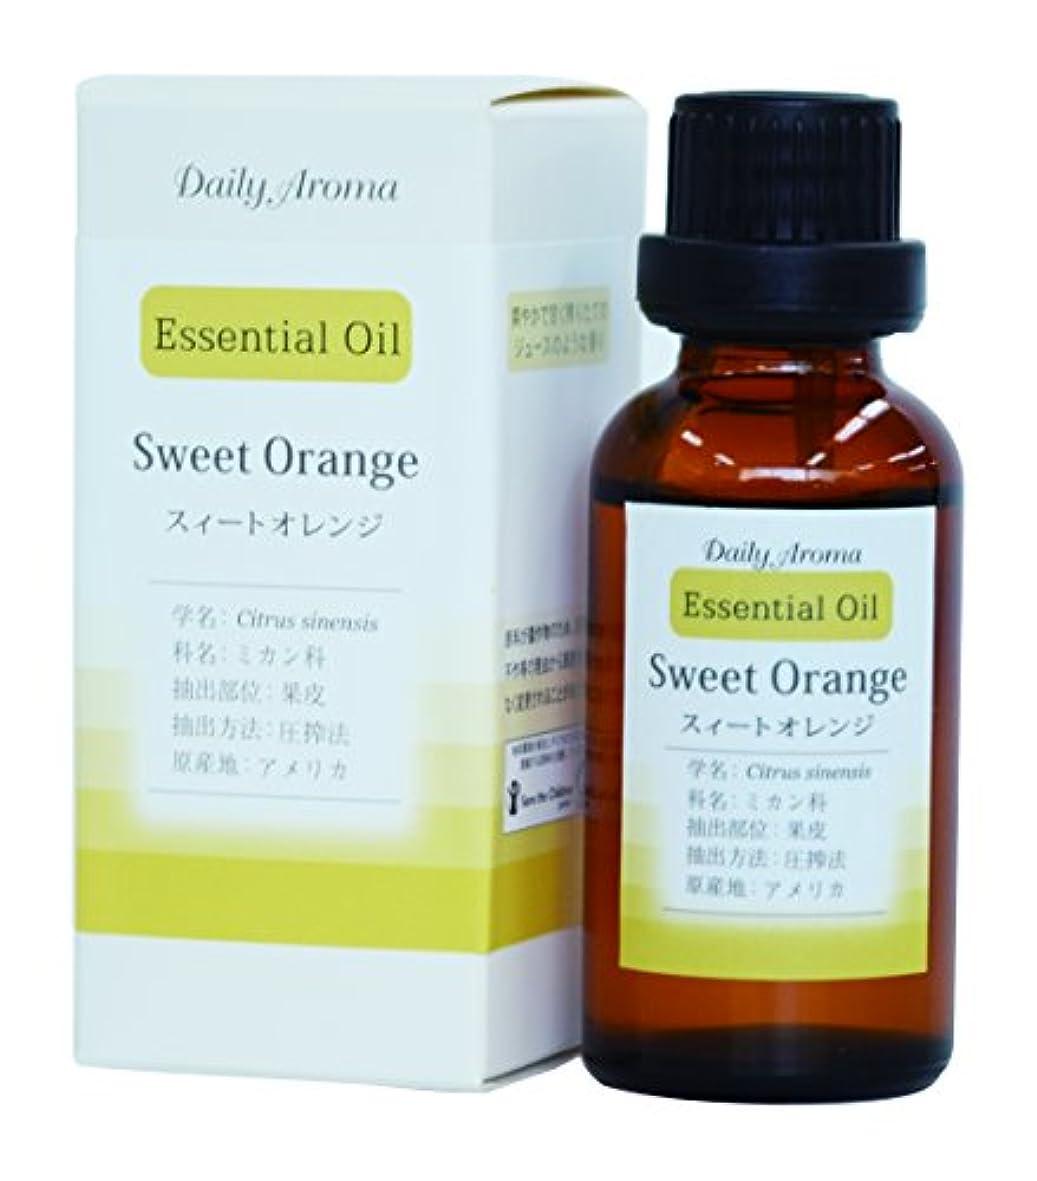 成功する昇る雑草美健 エッセンシャルオイル スィートオレンジ 30ml